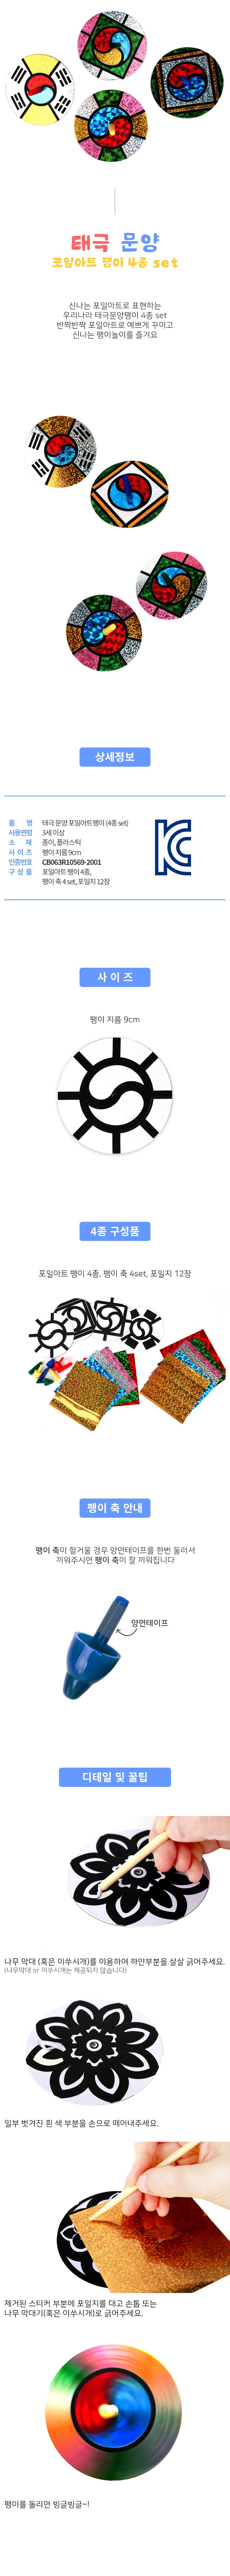 태극문양 포일아트팽이 4종set - 미술샘, 4,400원, 종이공예/북아트, 종이공예 패키지